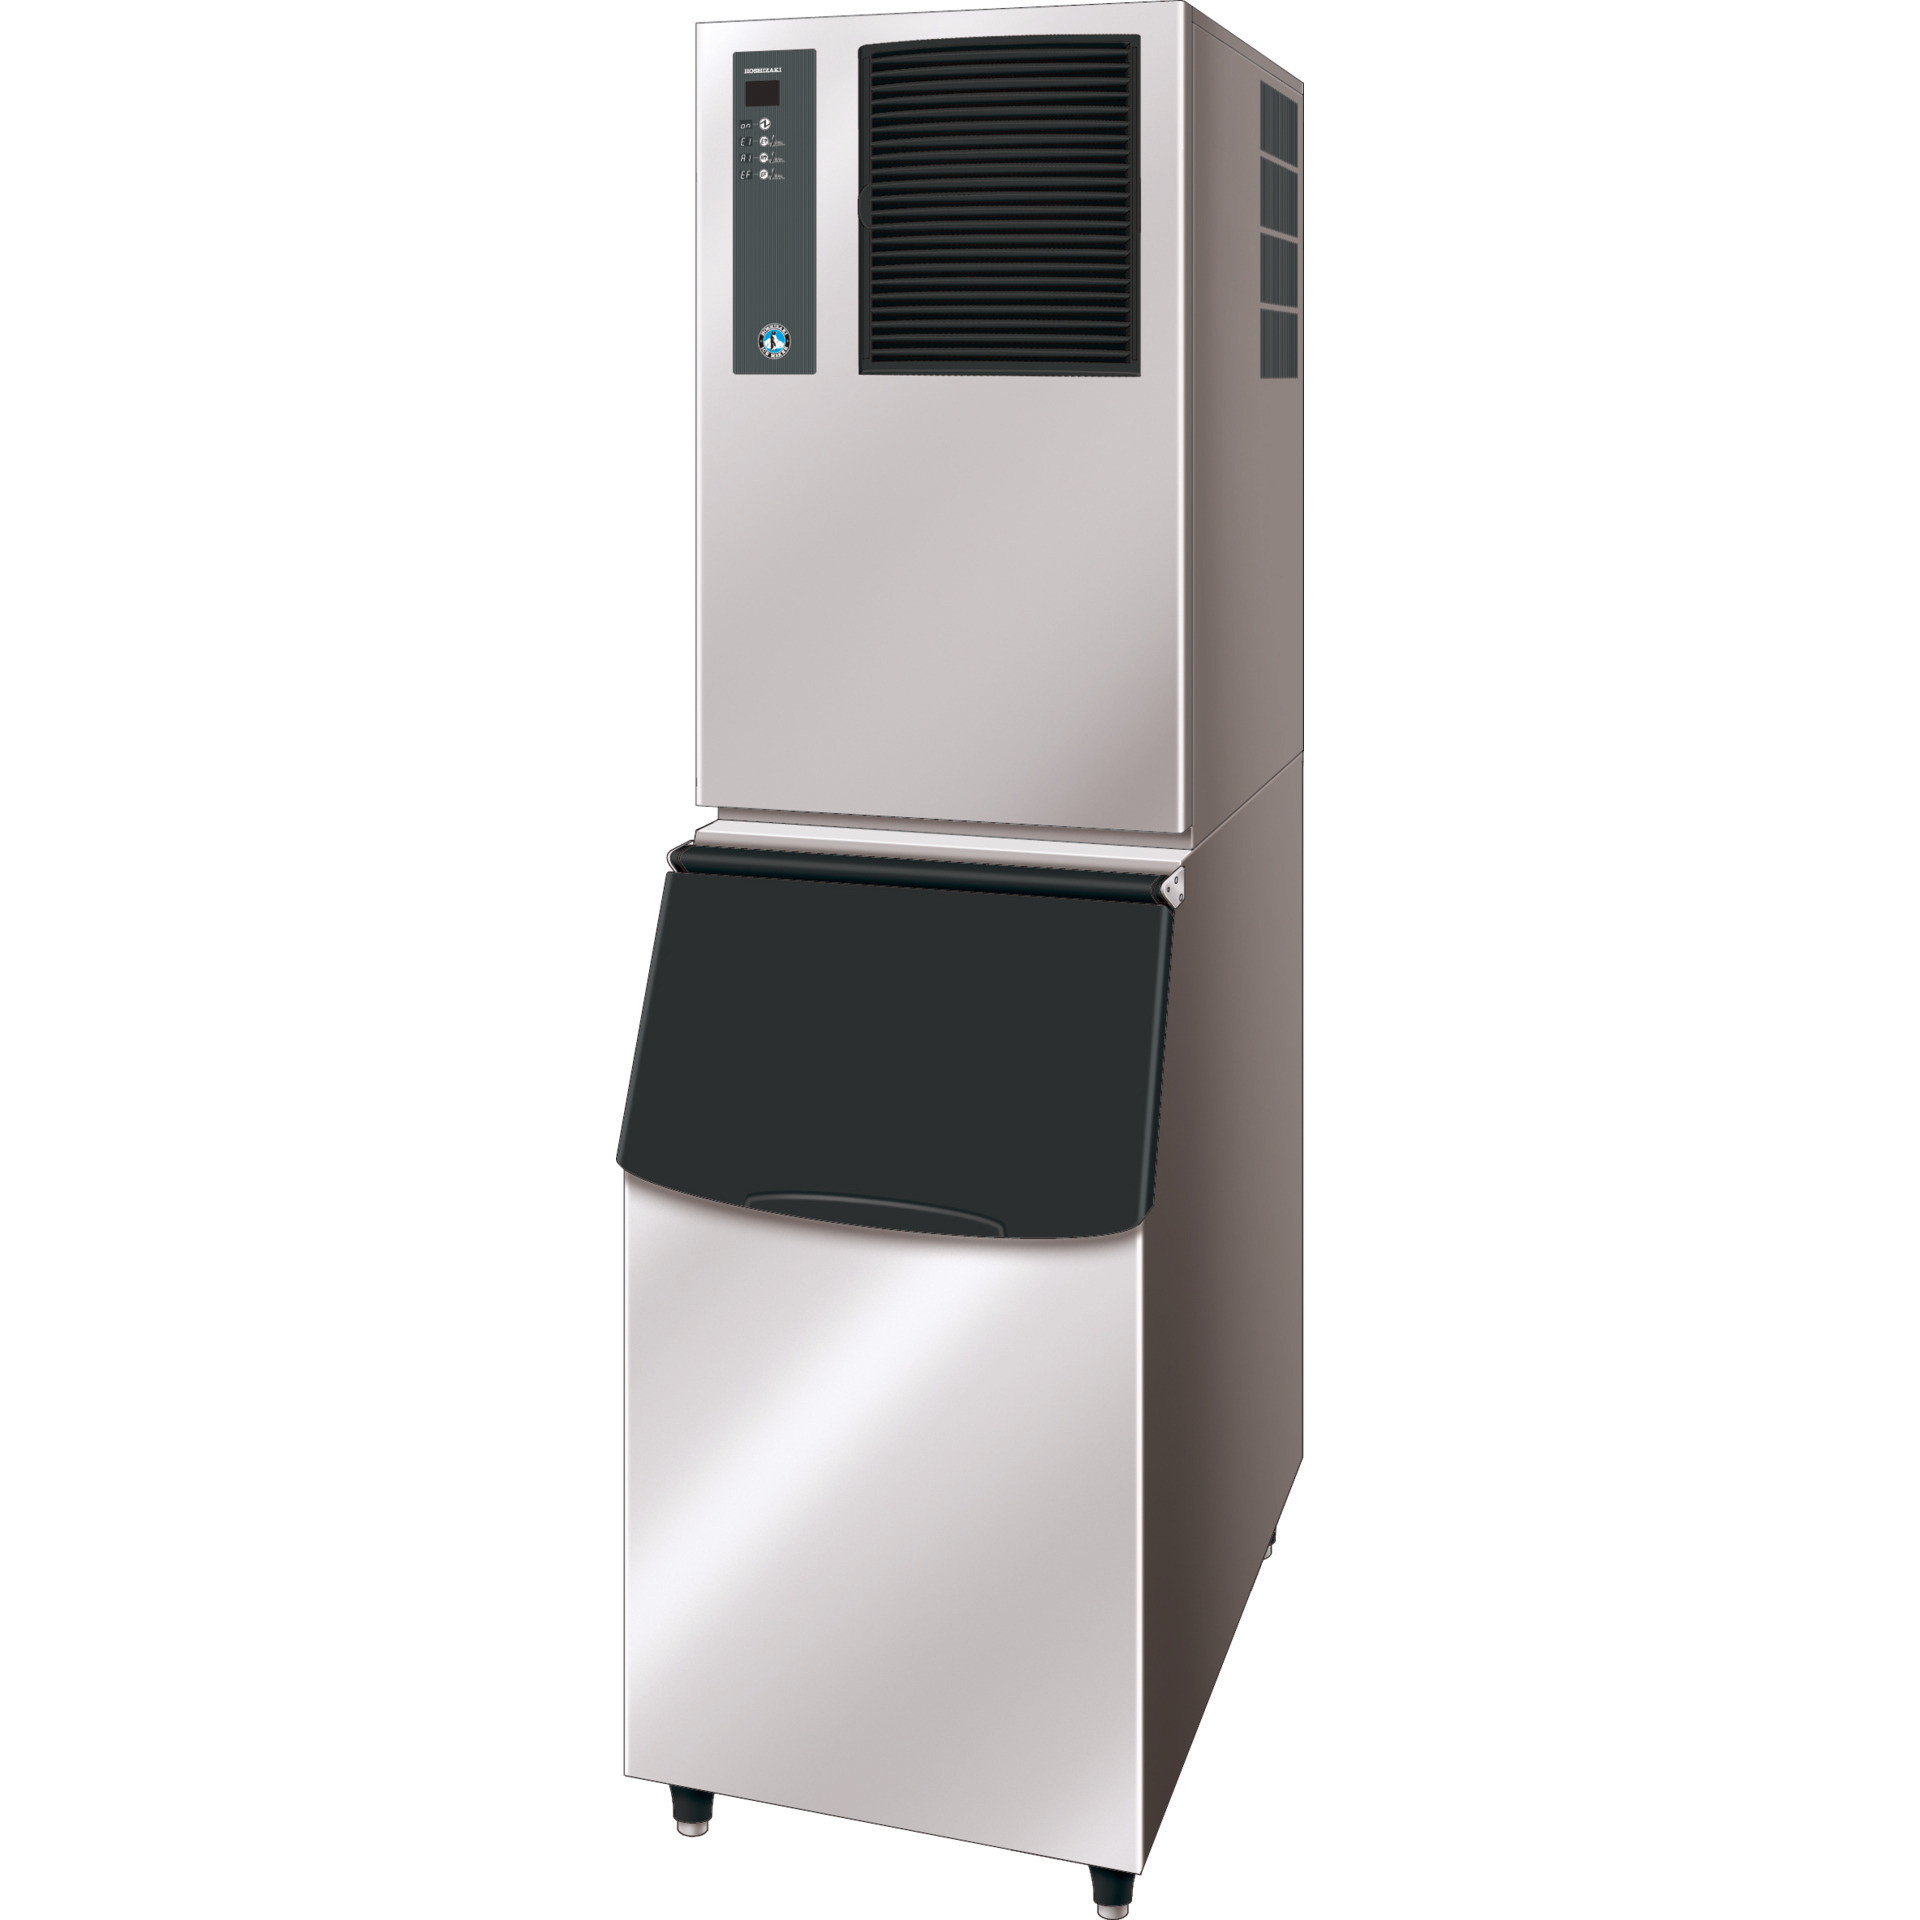 Modularer-Eiswürfelbereiter IM-240 / 190,00 kg/24h / separater Vorrat / M-Würfel